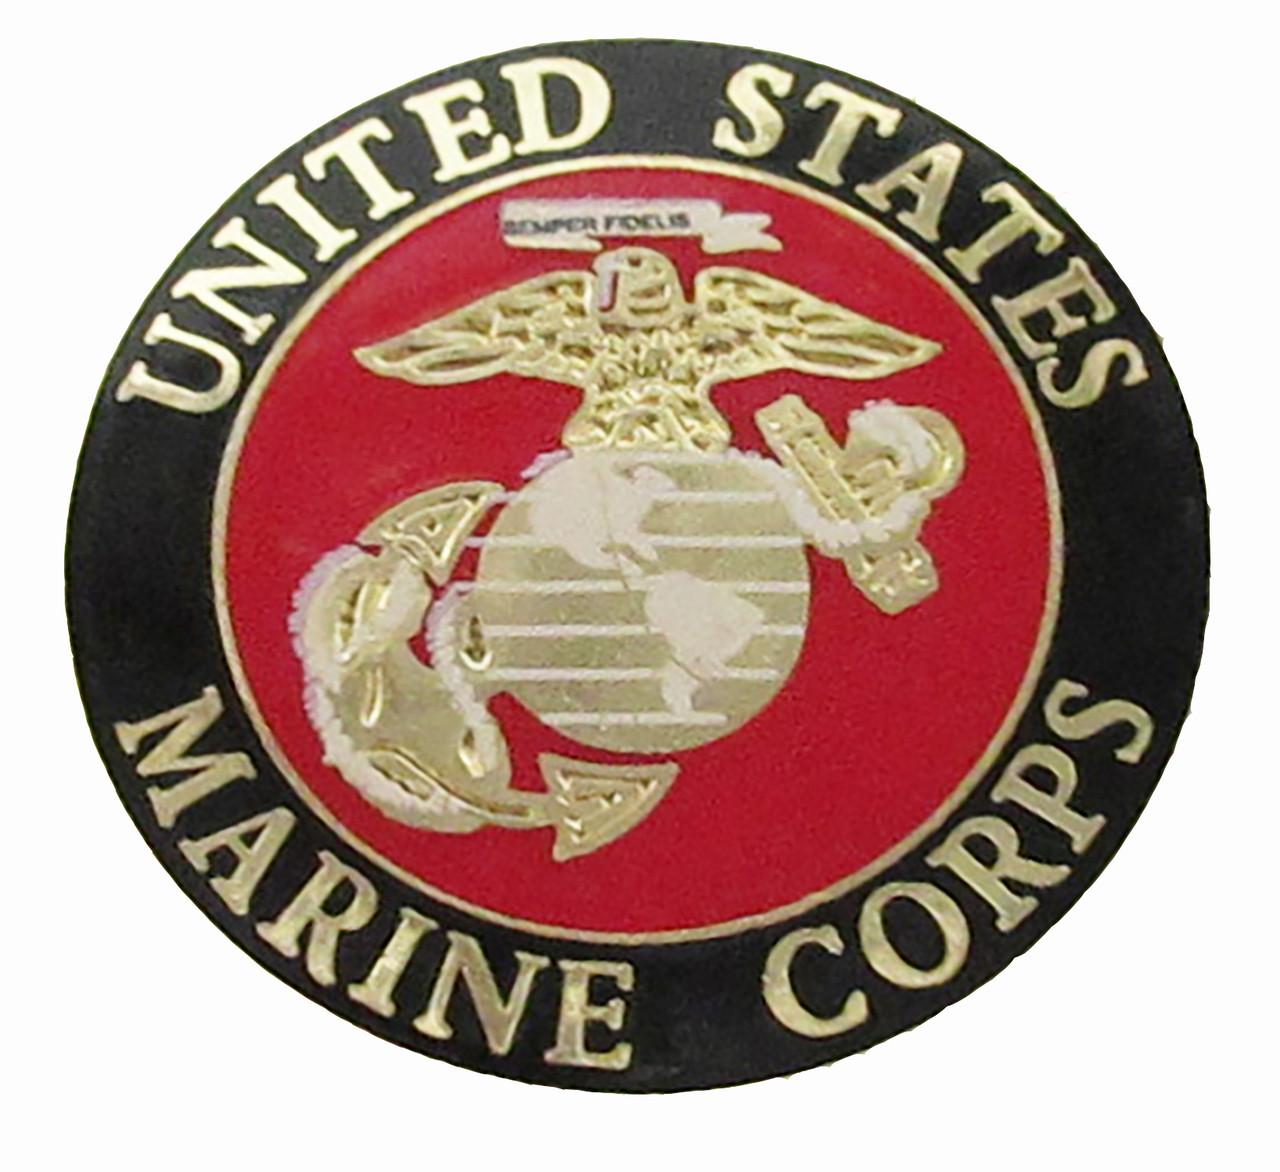 1911 Government Model US Marine Corps USMC Porcelain Emblems Set In Ebony Black Color Grips G54 (DD)